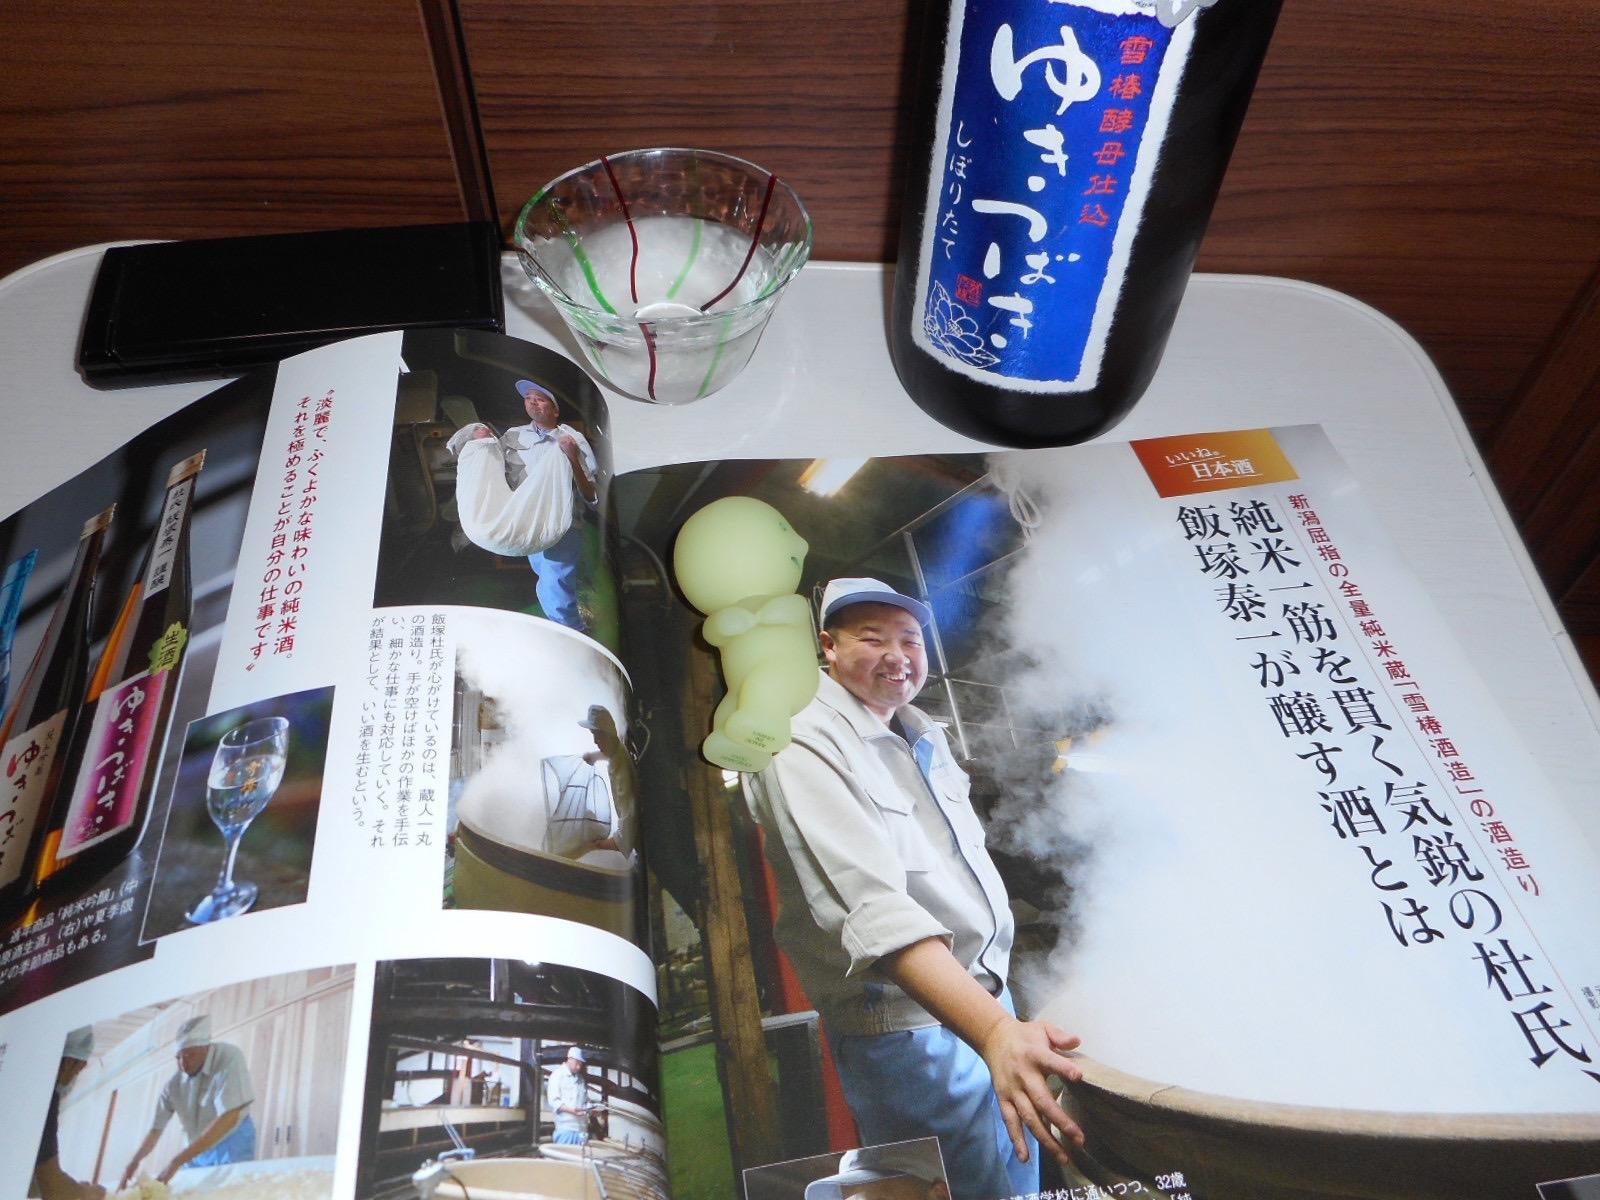 yukitsubaki_jundai_nama28by11.jpg